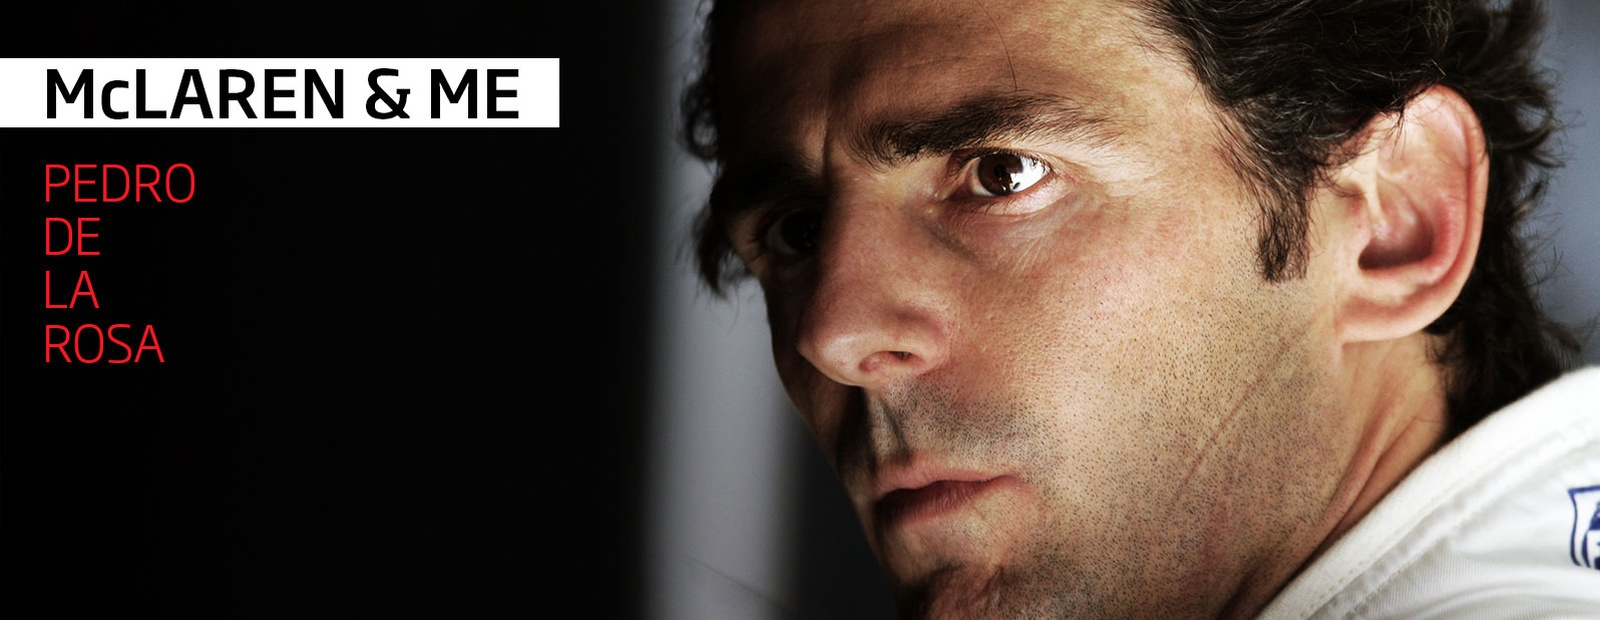 McLaren & Me: Pedro de la Rosa Part I